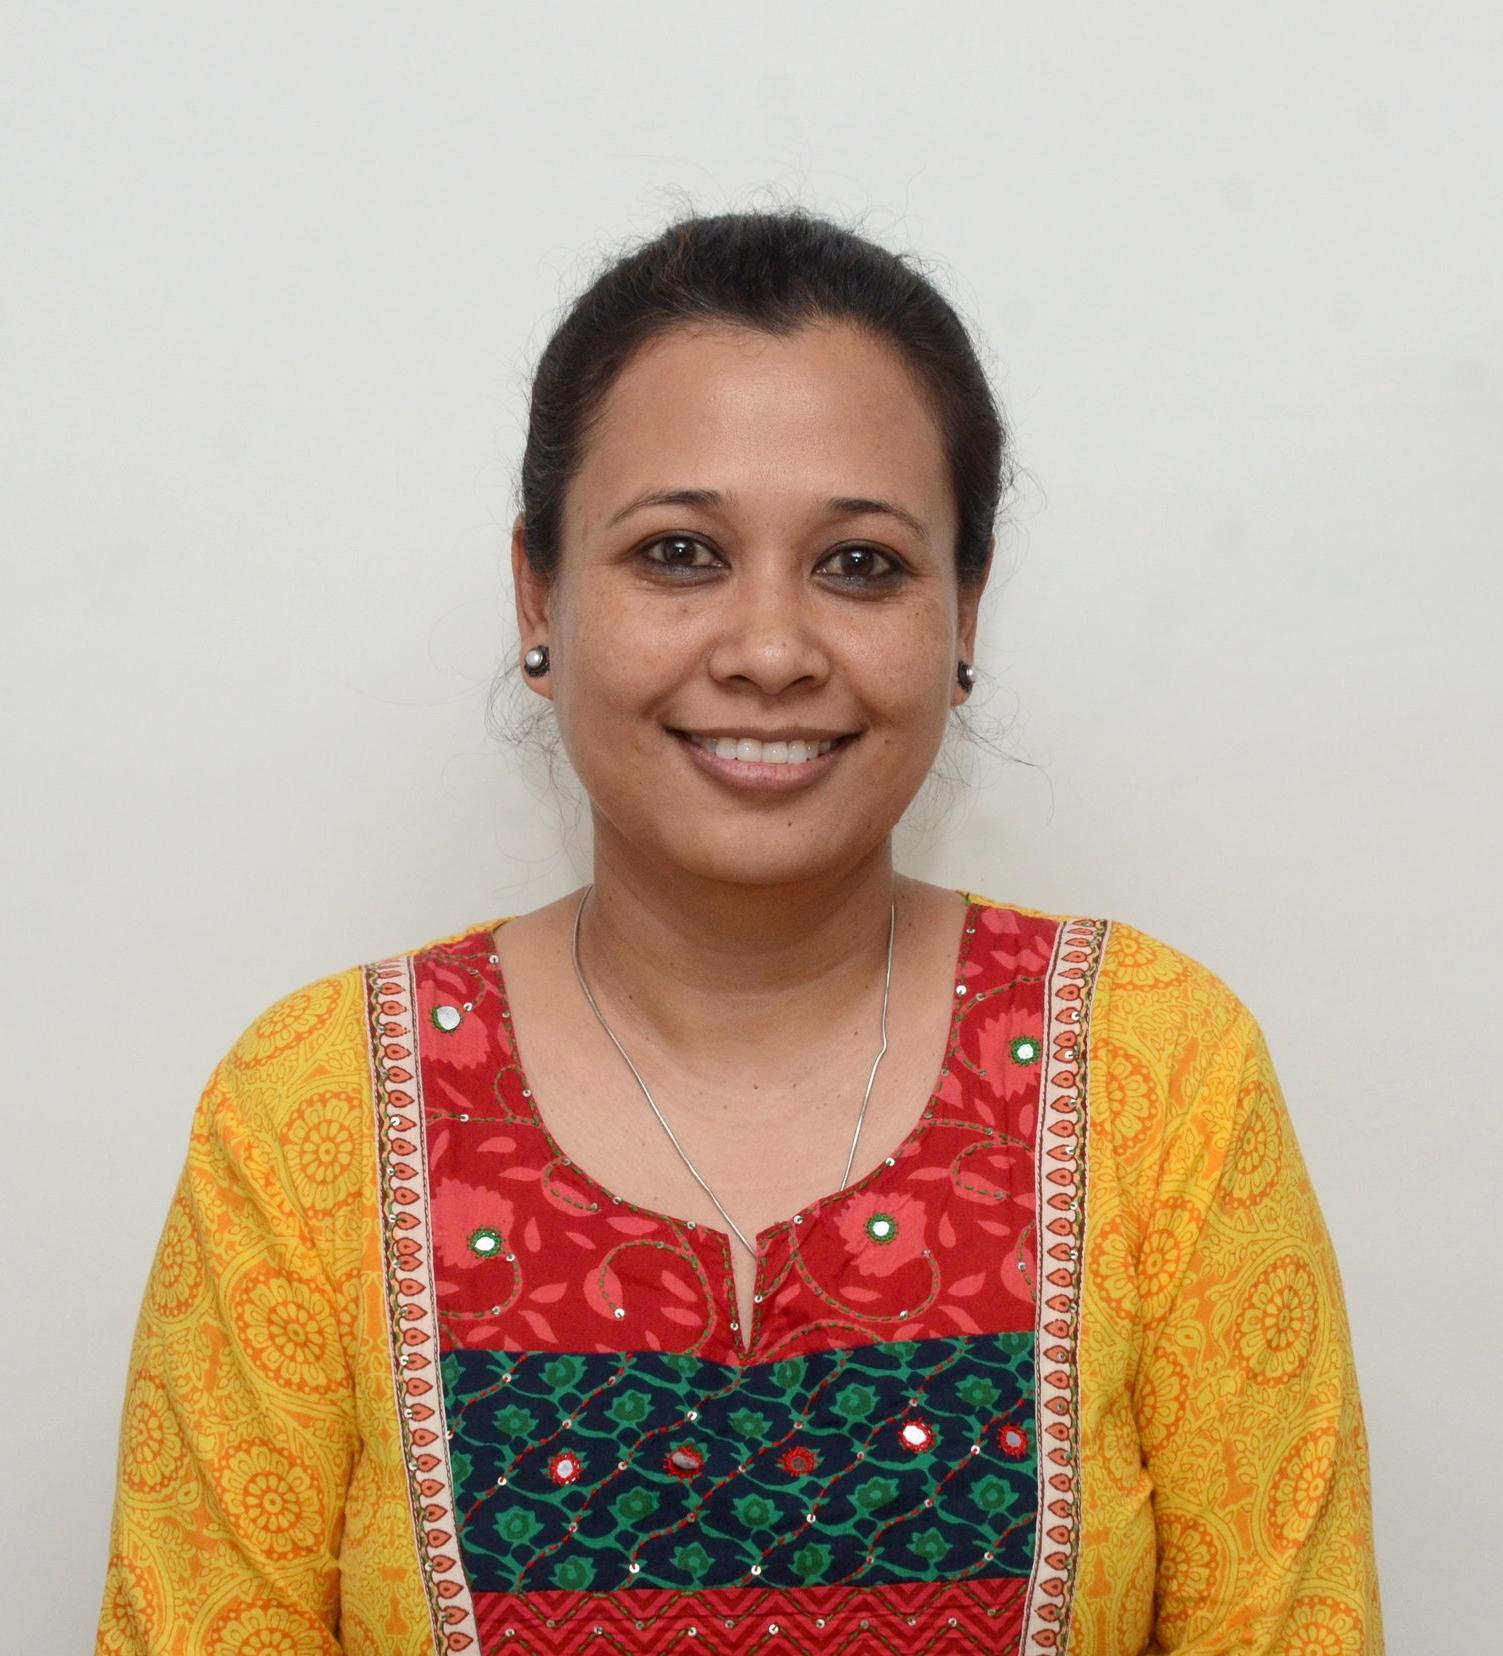 Pasang Bhutia, Director of Program Management at IJM Kolkata